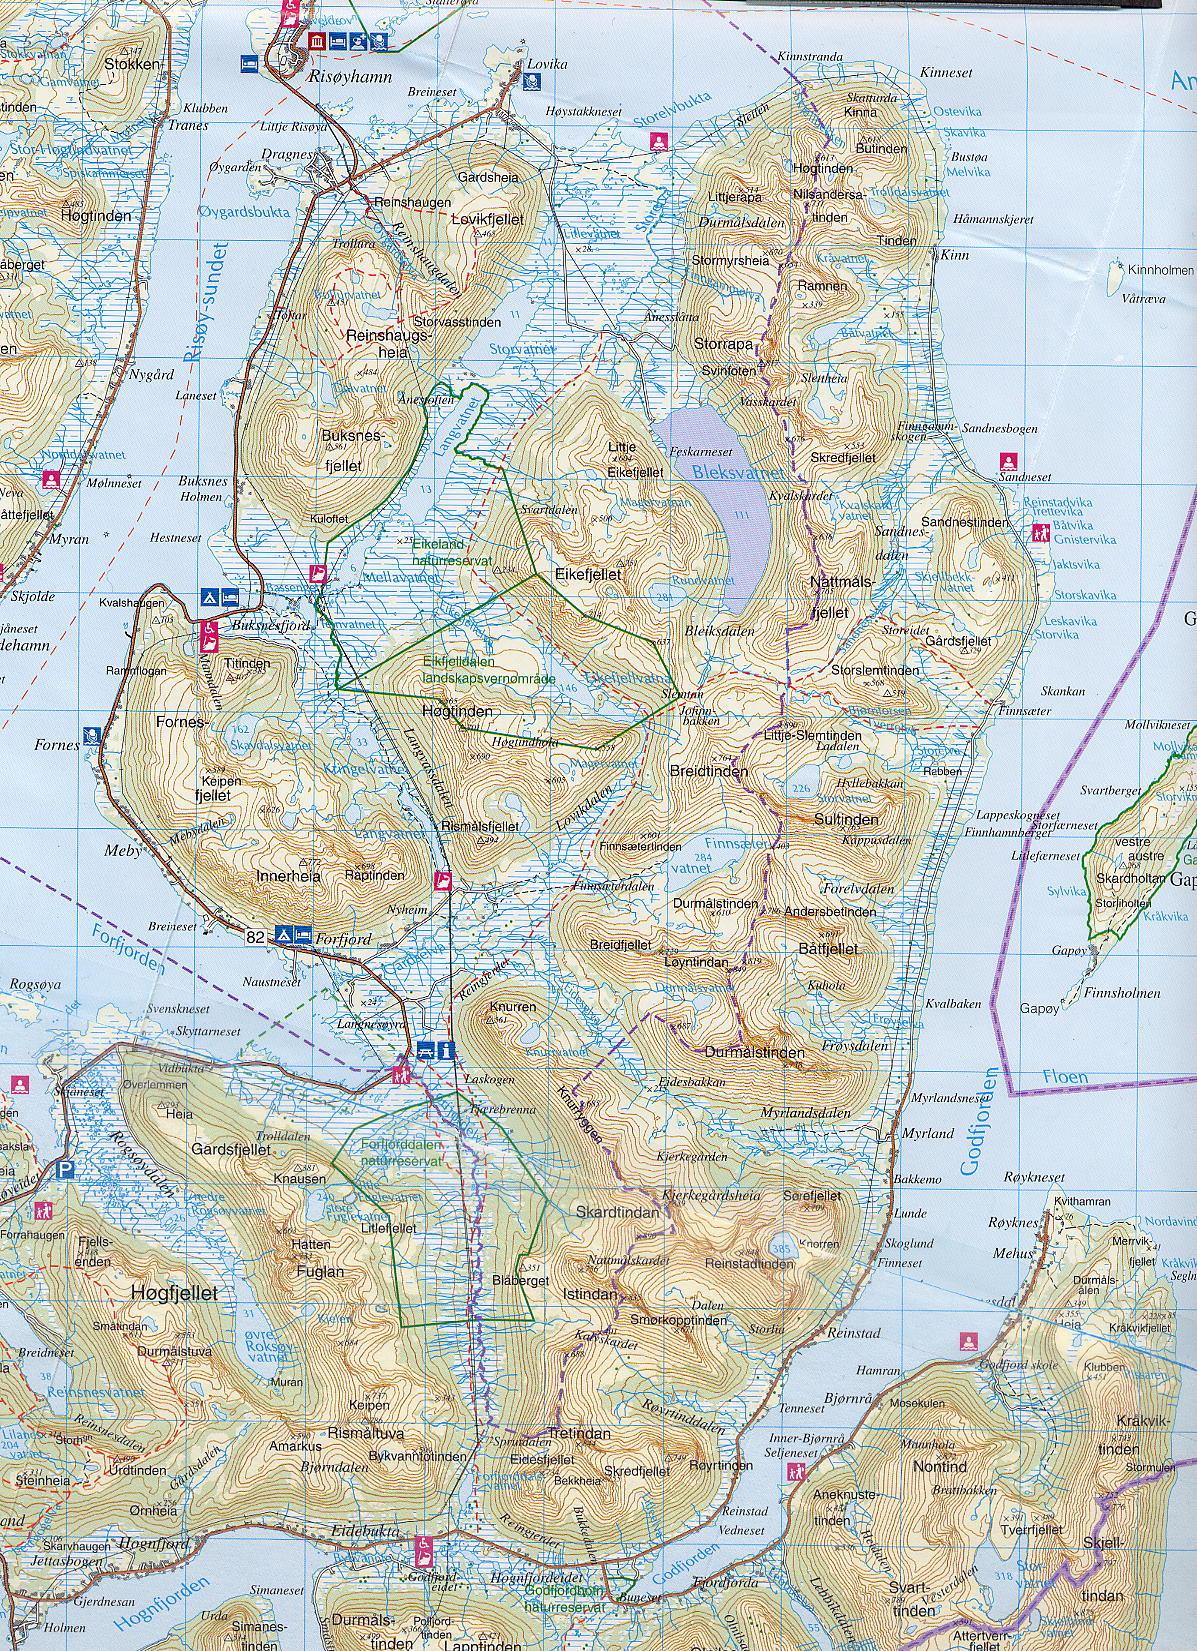 kart over hinnøya .hinnøy.no   Kart kart over hinnøya